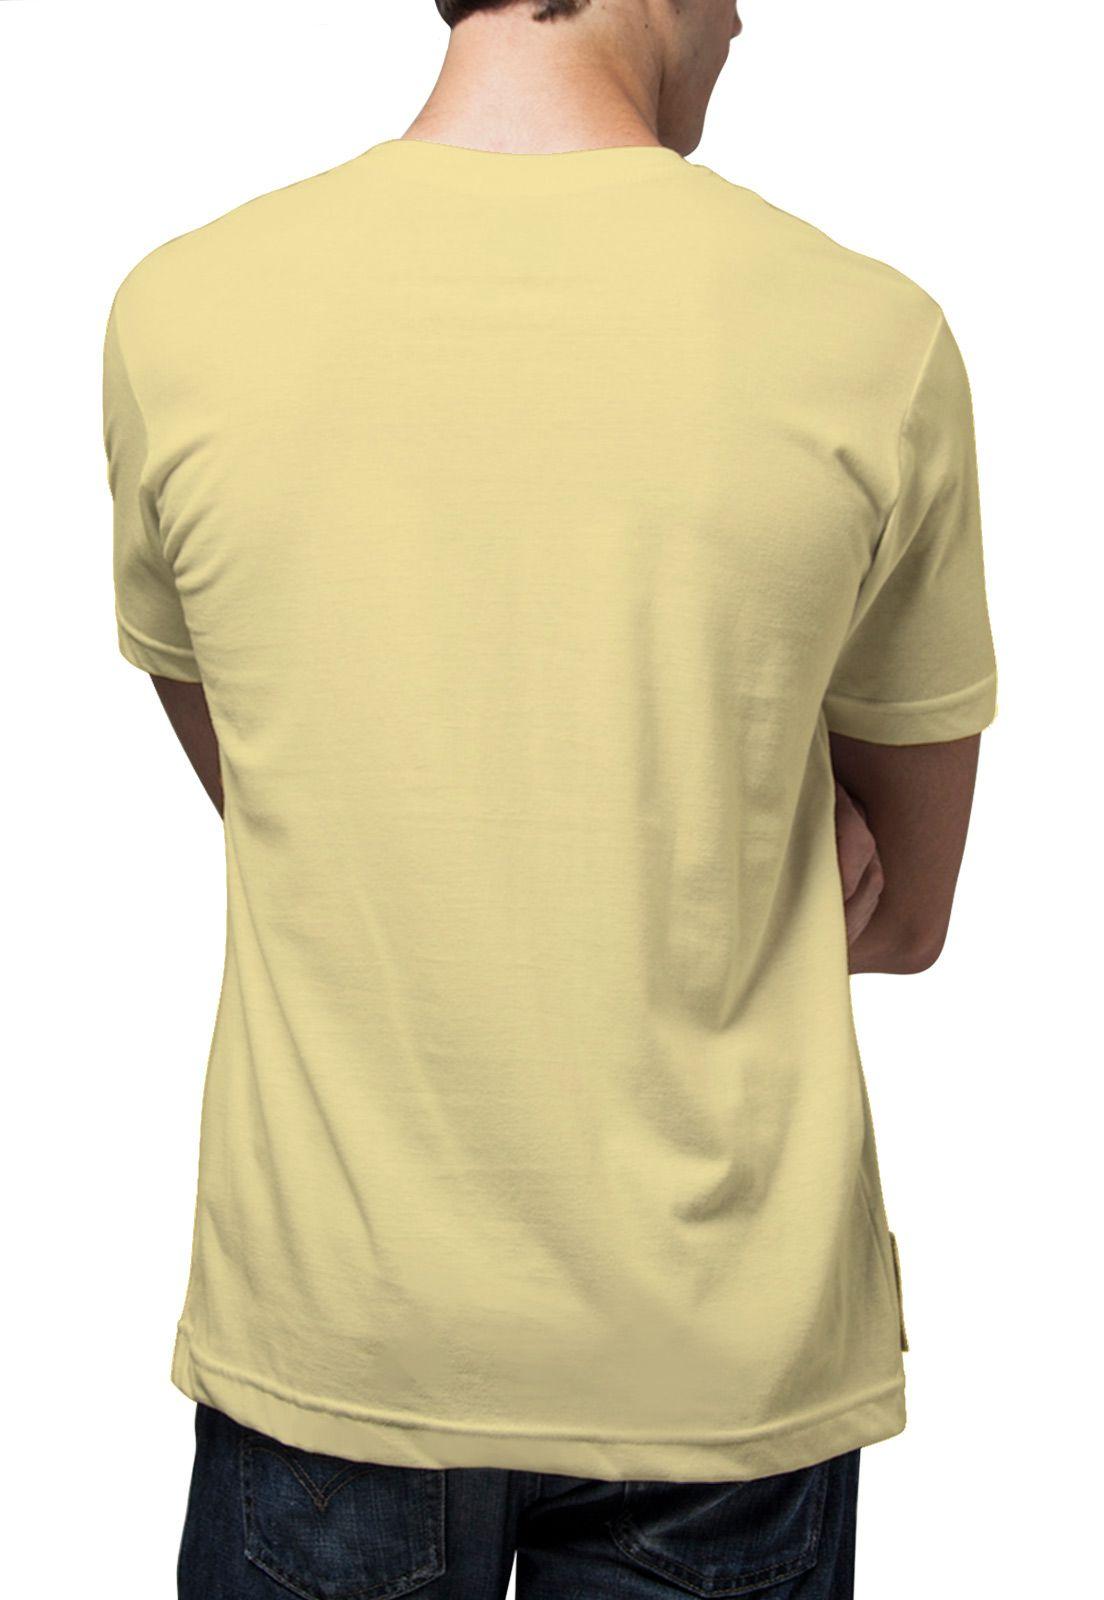 Camiseta Amazônia Todos Pela Natureza - Amarelo